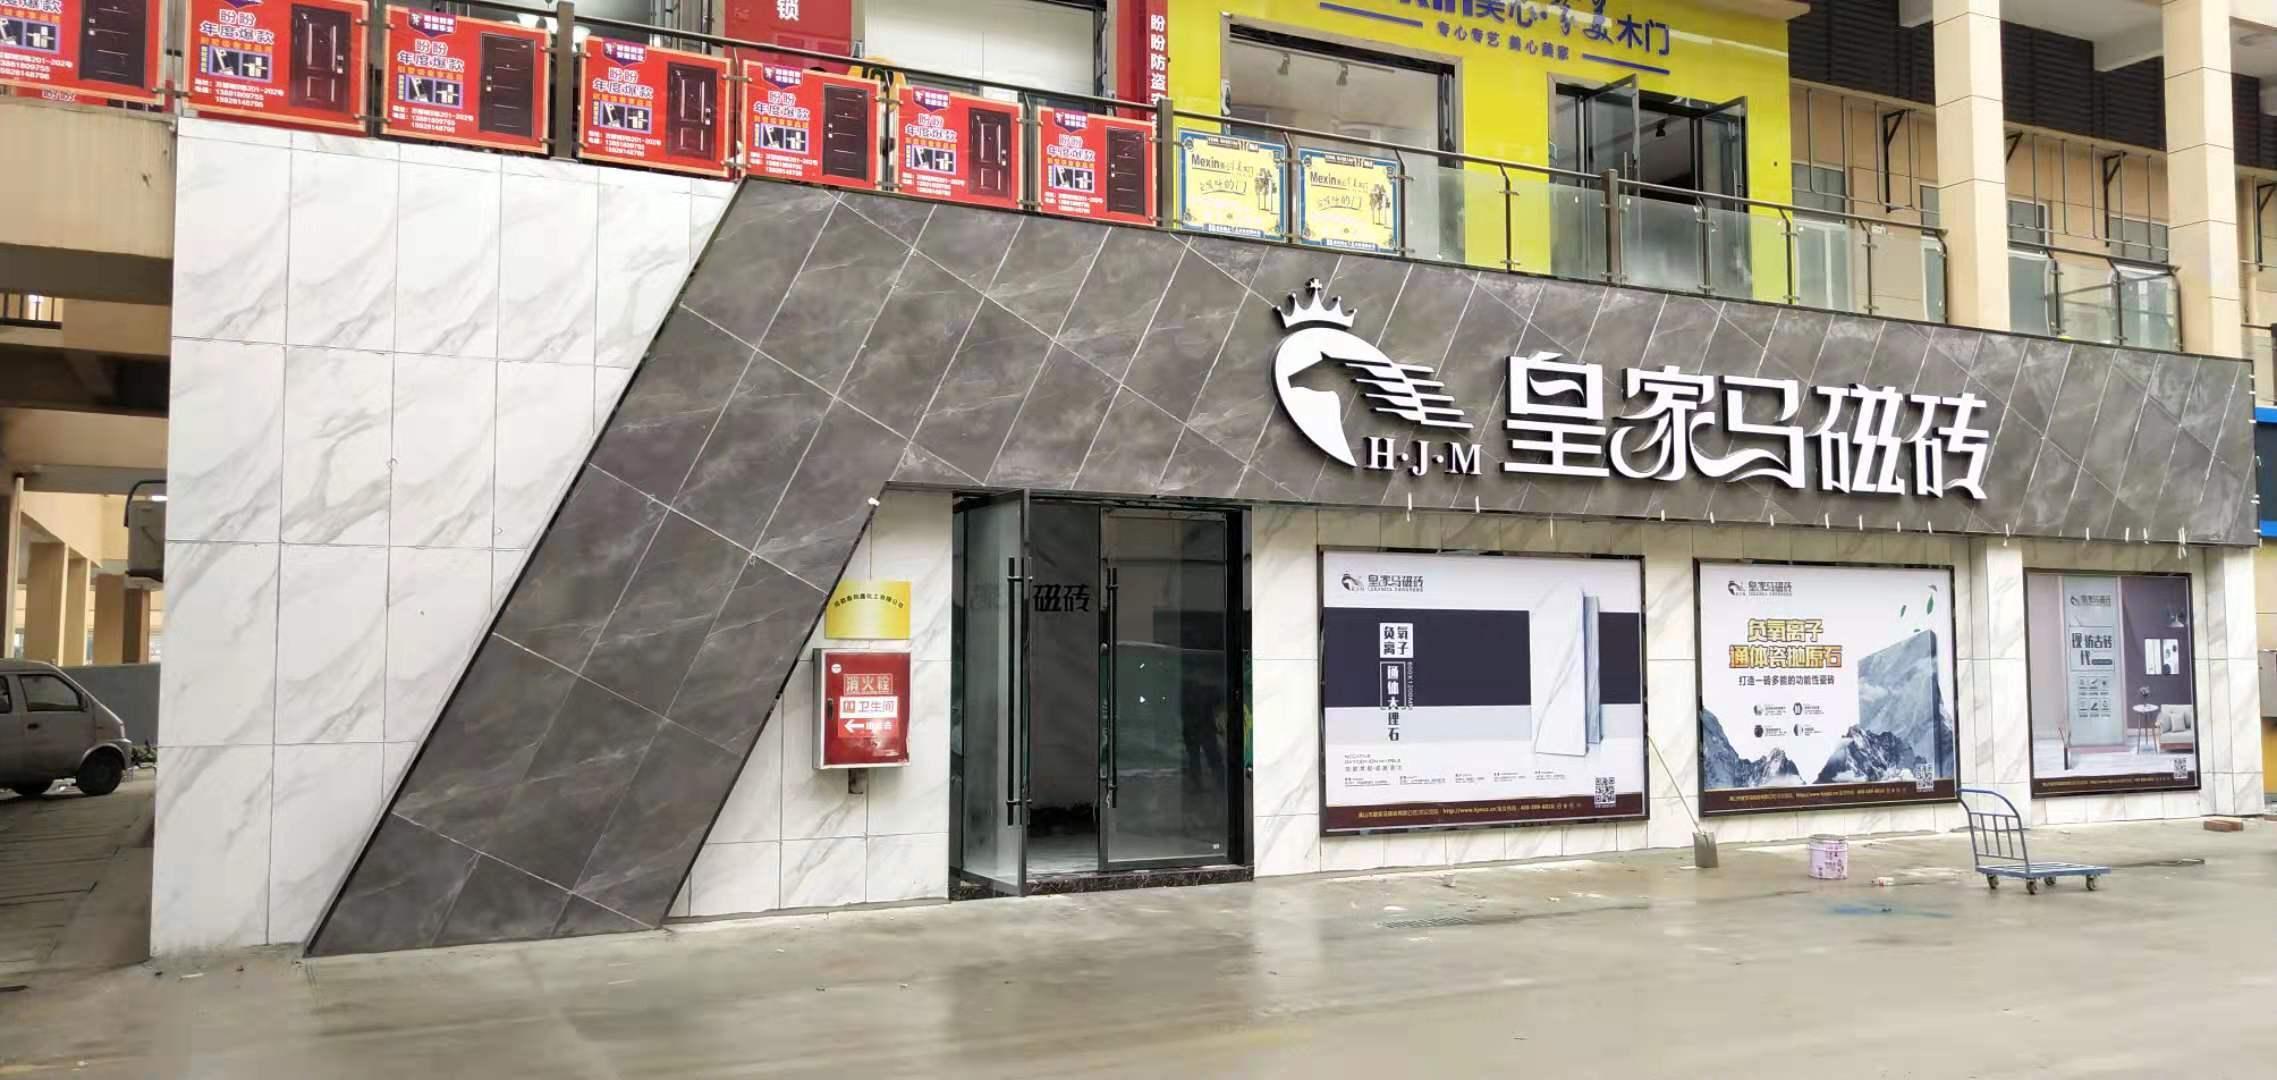 皇家马瓷砖门店